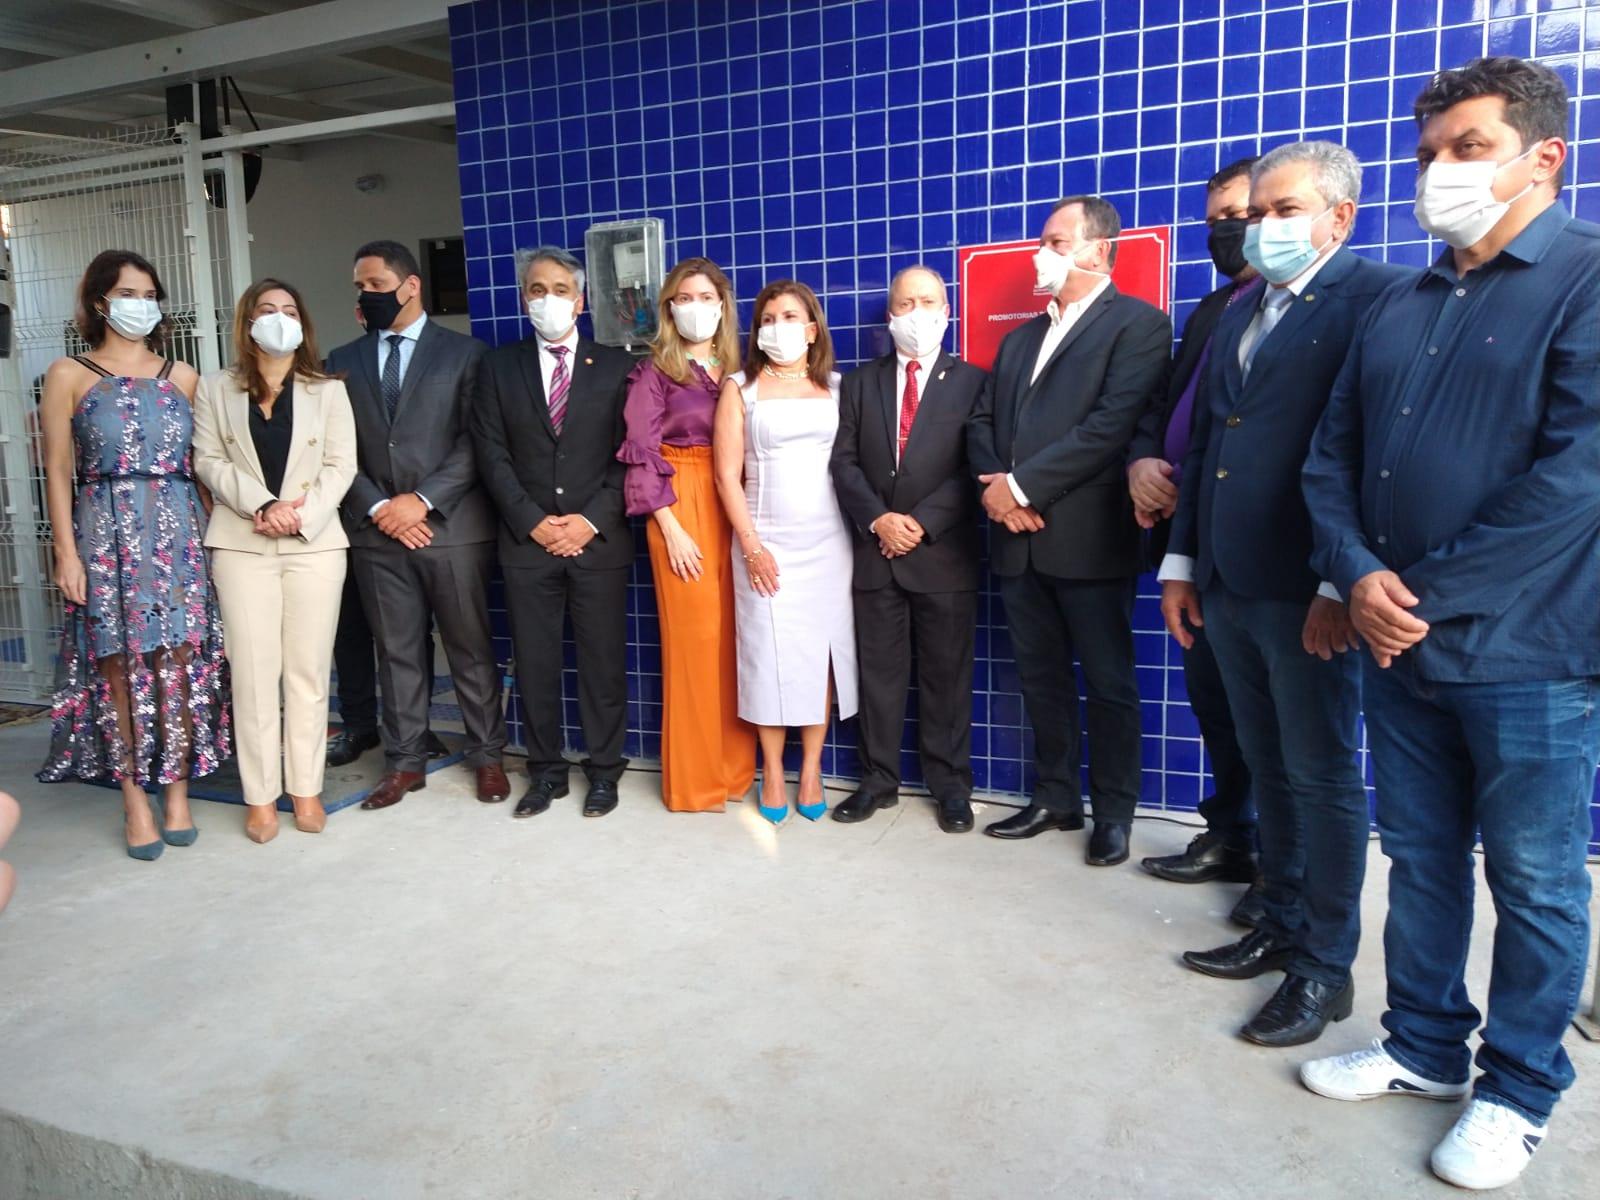 AMPEM prestigia inauguração de prédio anexo das Promotorias de Justiça de Imperatriz